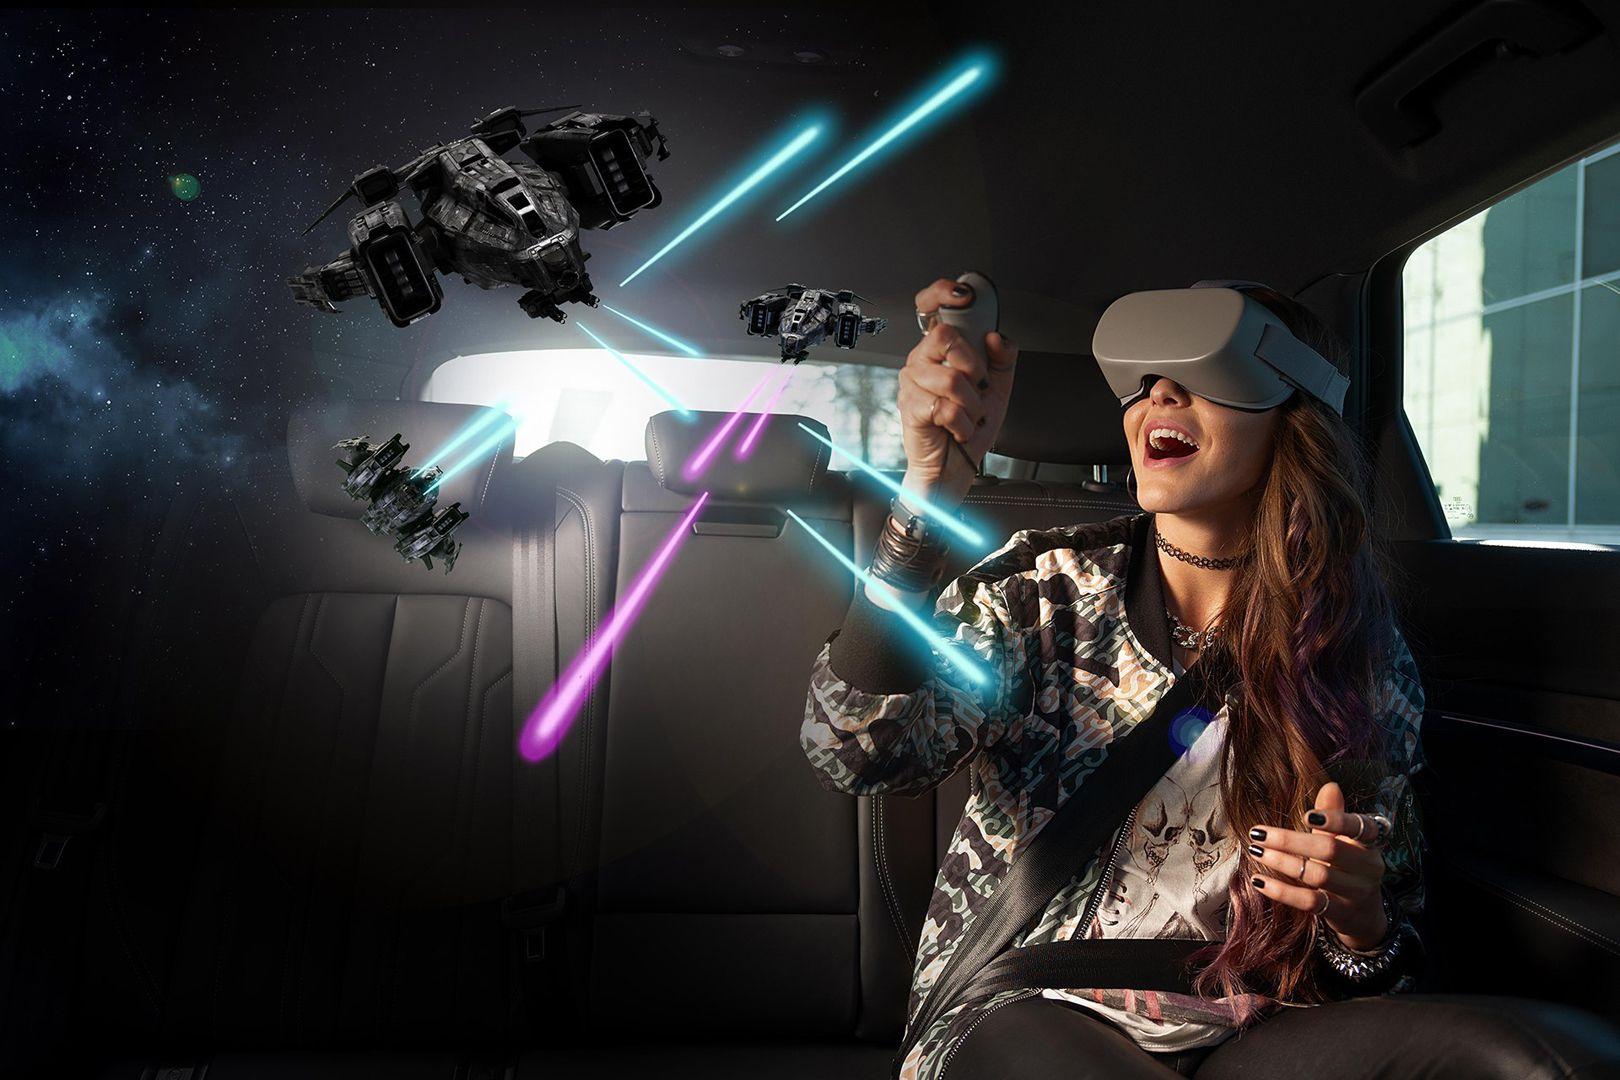 Virtual Reality : Holoride, un concept de réalité virtuelle pour la voiture ! [Vidéo]